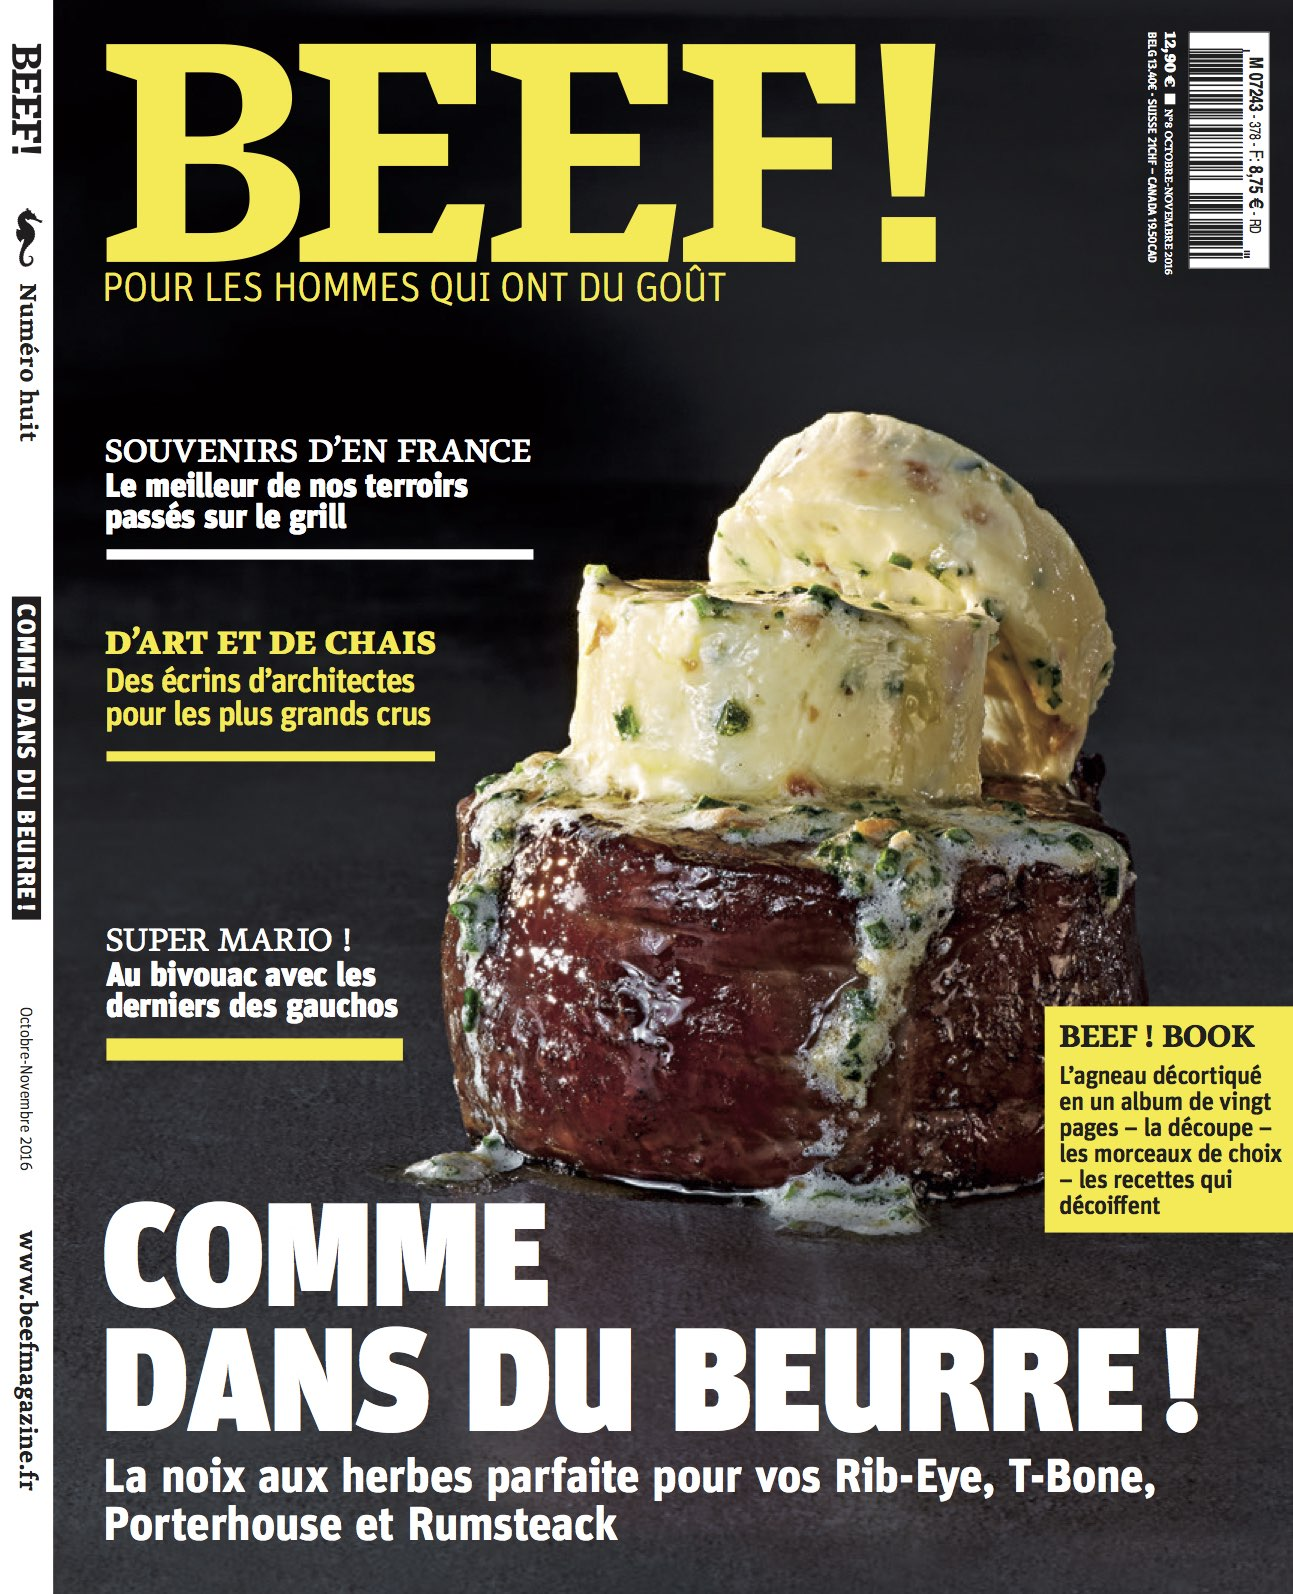 Couverture de l'article dans Beef Magazine sur le boeuf d'exception